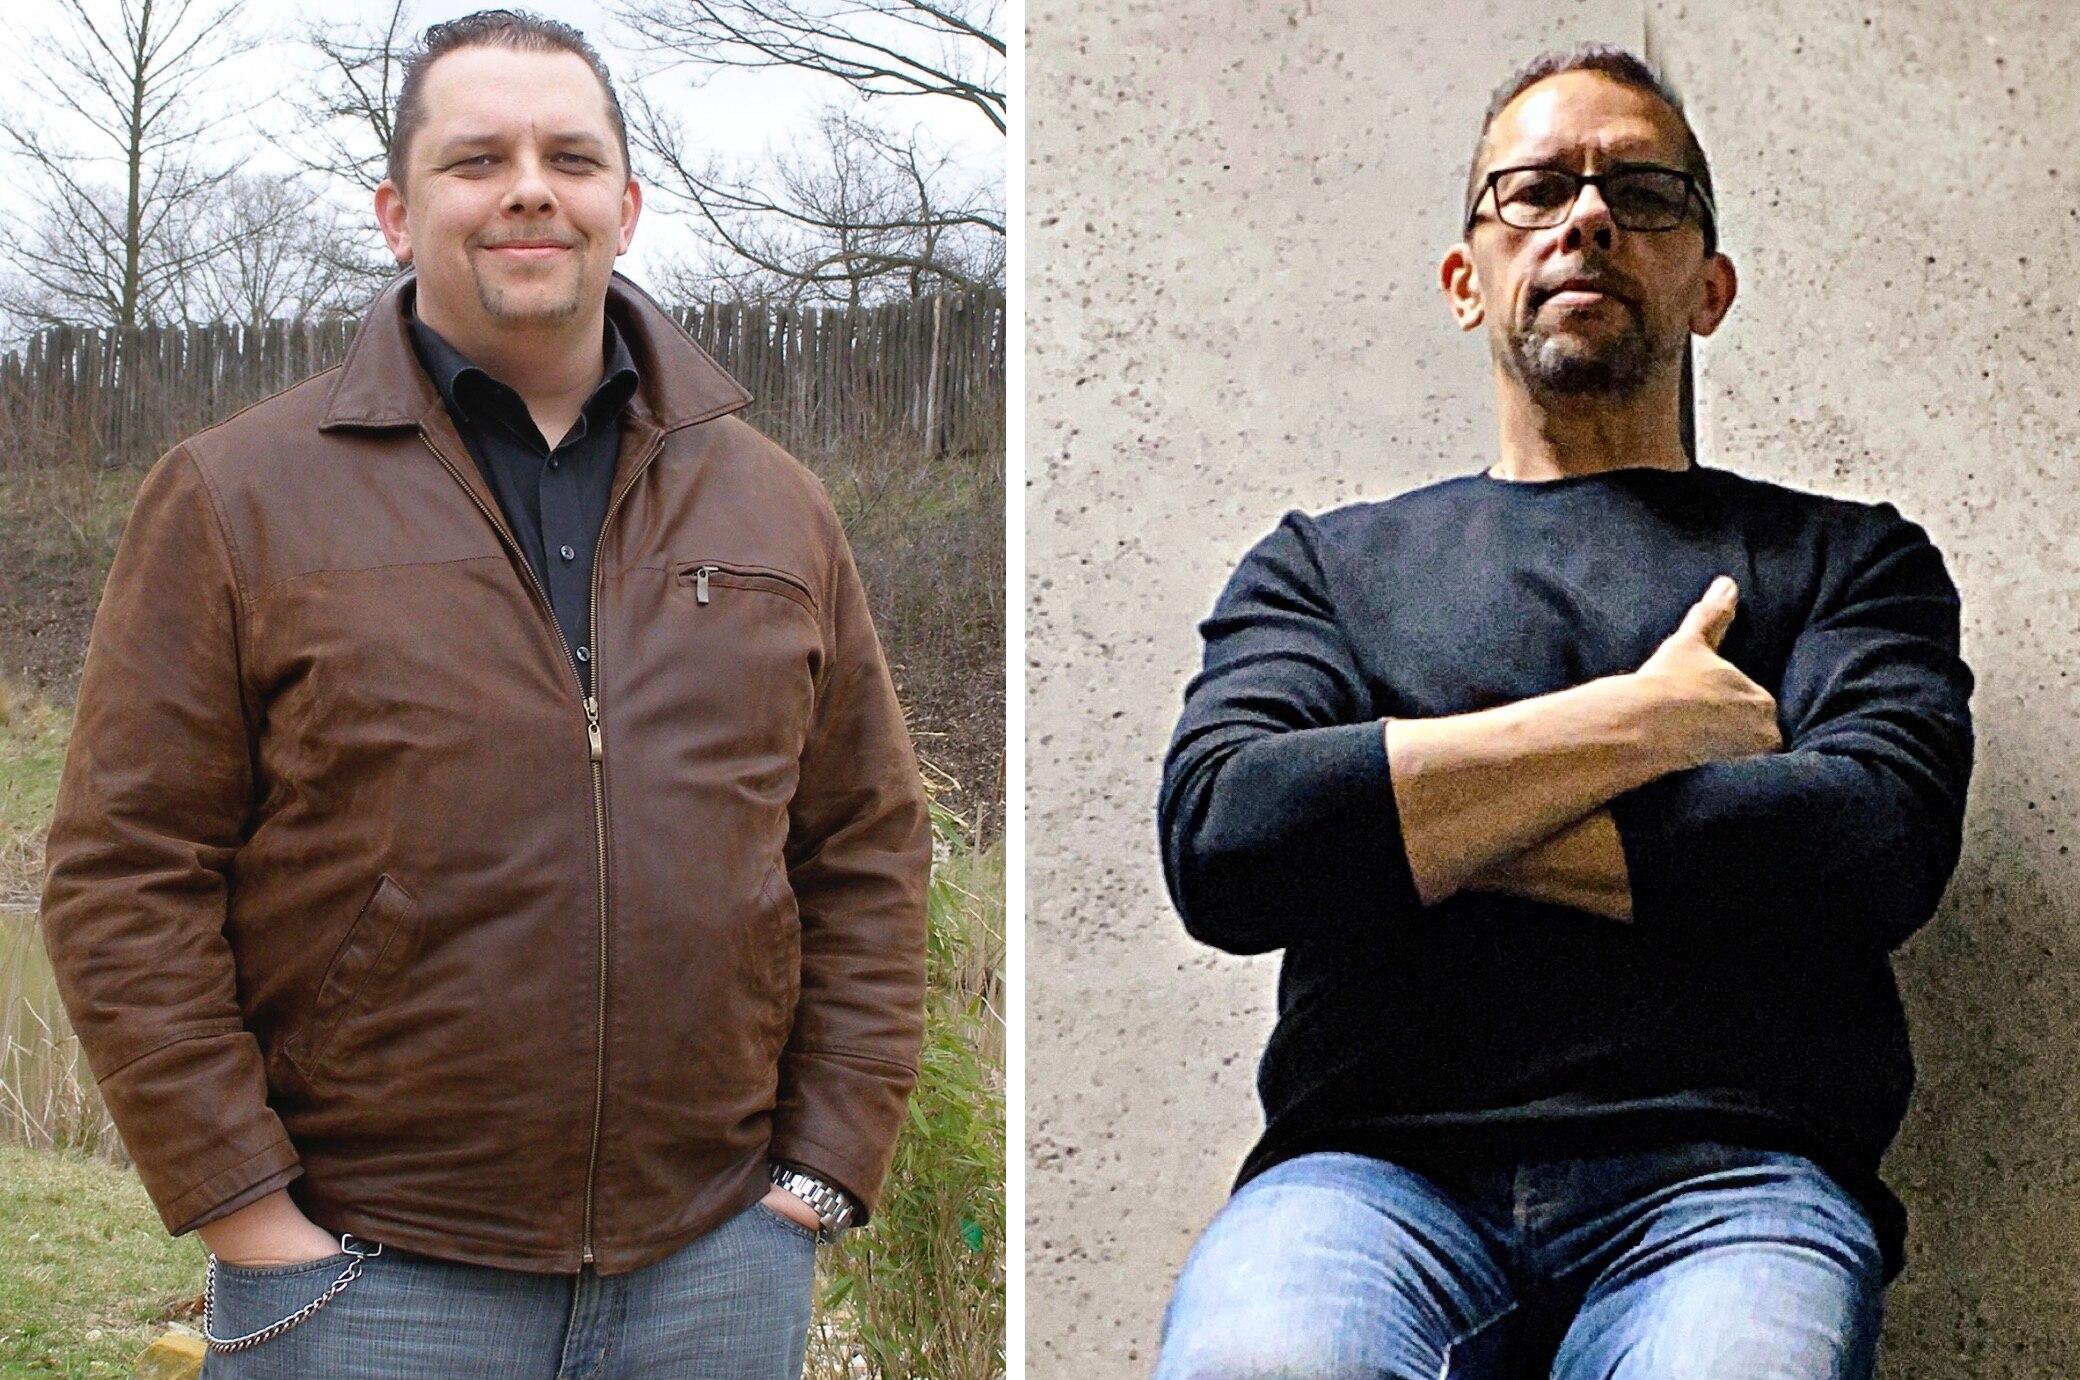 50 Kilo abgenommen: Thomas ist nach 20 Jahren wieder fit - FITBOOK